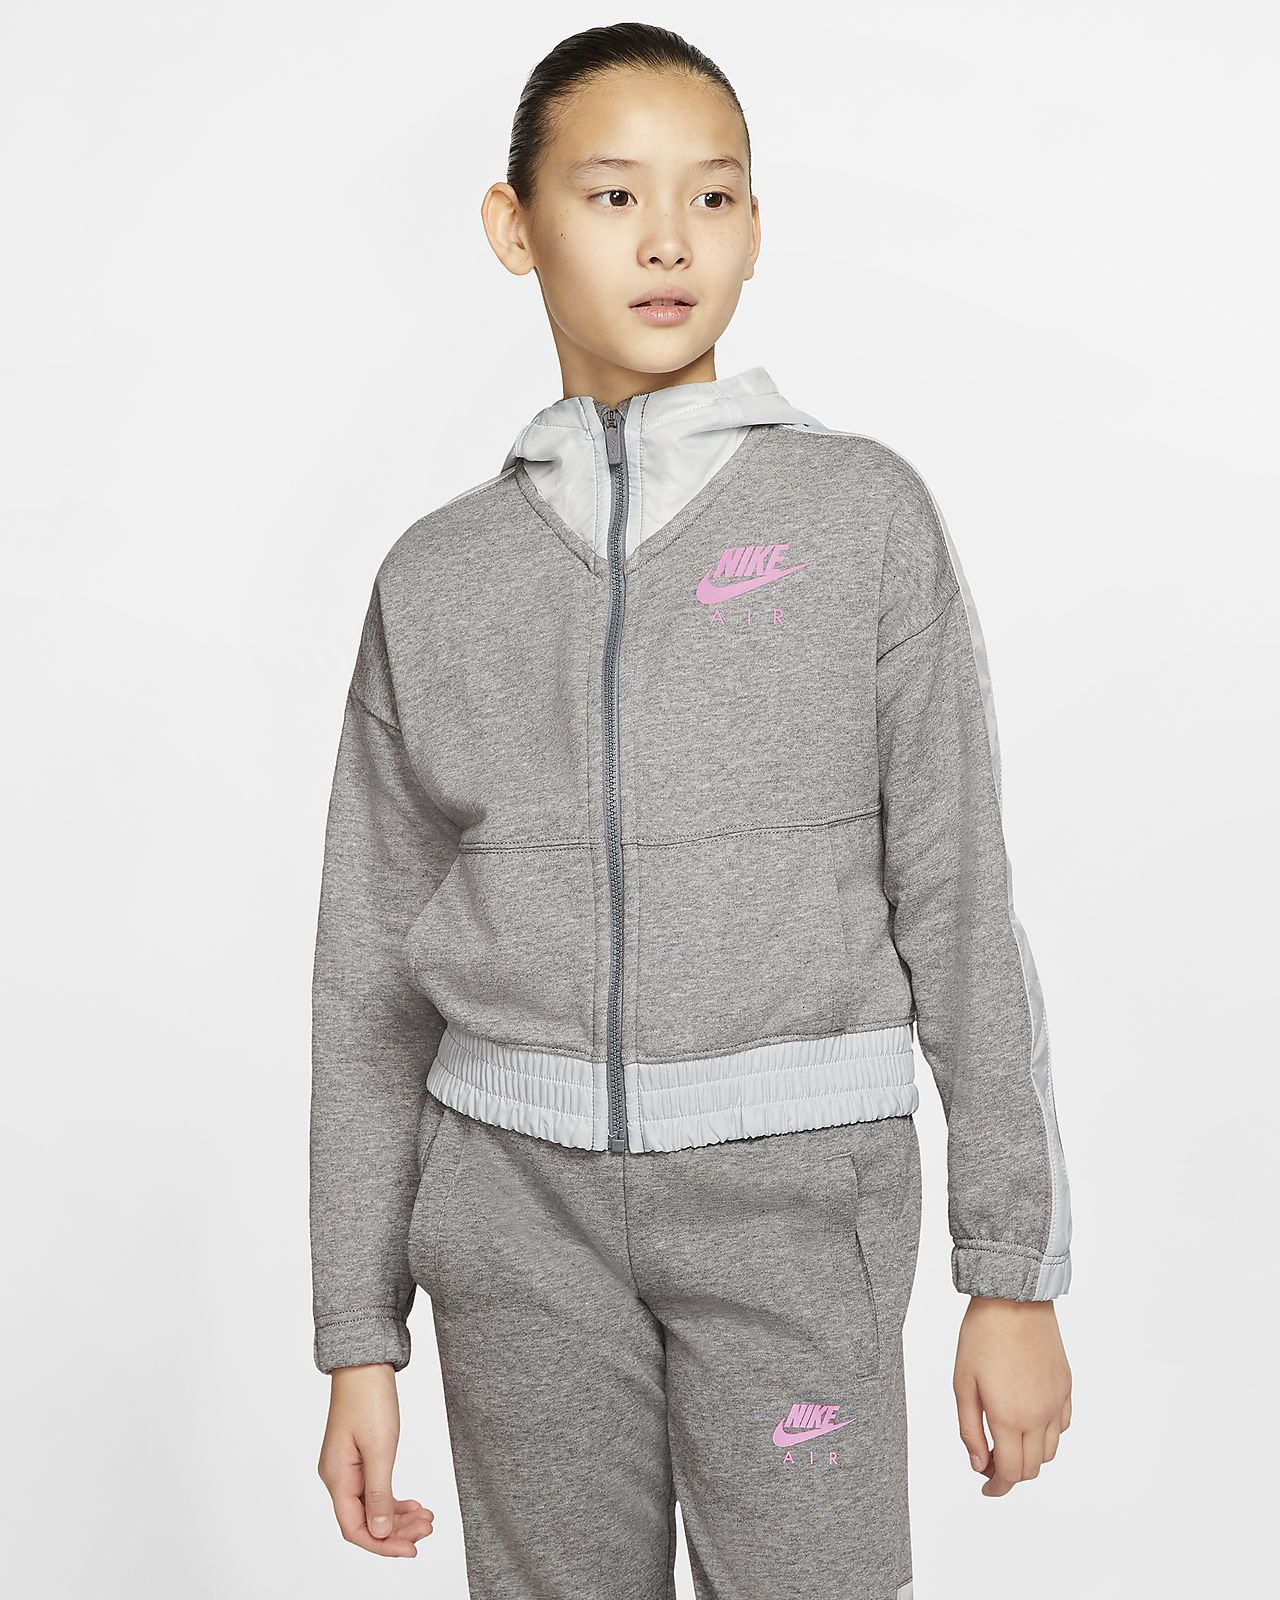 Nike Air Big Kids' (Girls') Full-Zip Hoodie